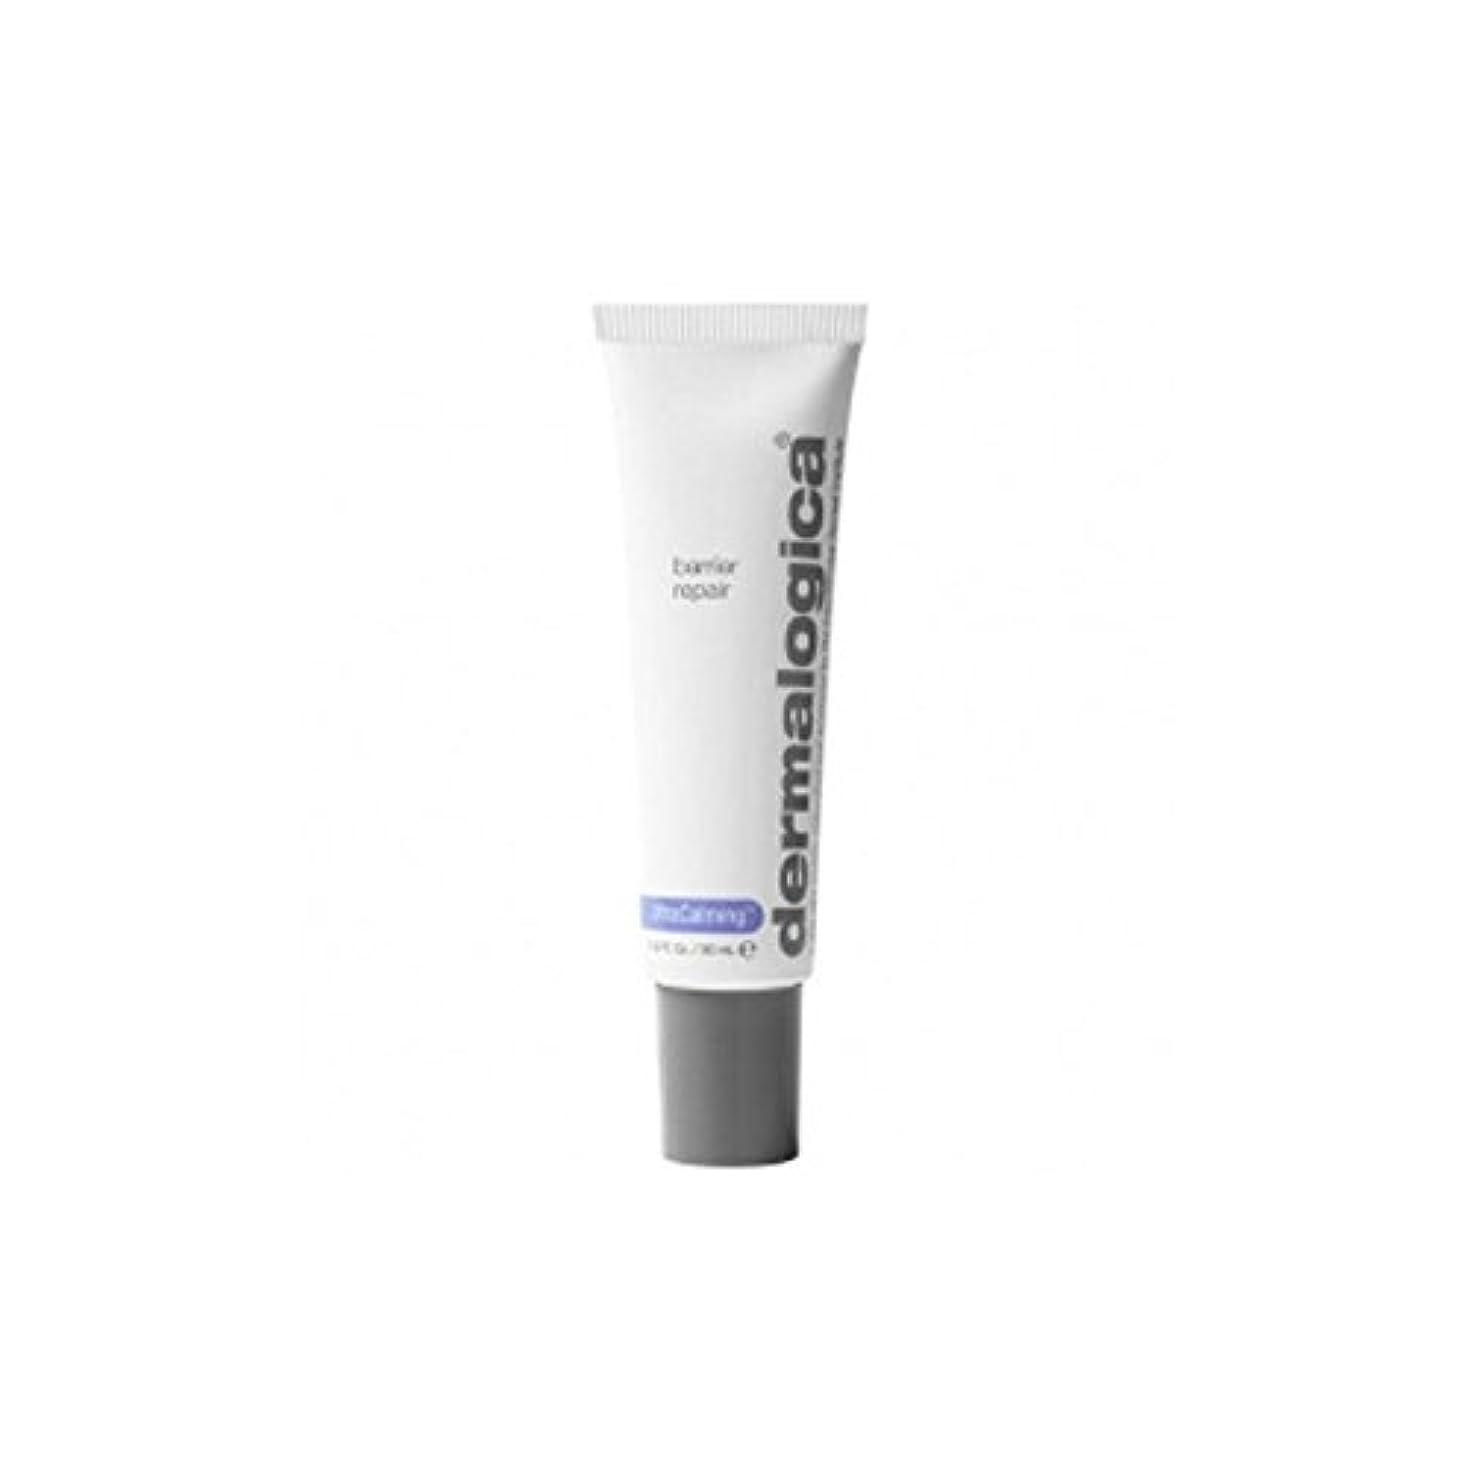 収益マニアックほんのダーマロジカバリアリペア(30ミリリットル) x2 - Dermalogica Ultracalming Barrier Repair (30ml) (Pack of 2) [並行輸入品]